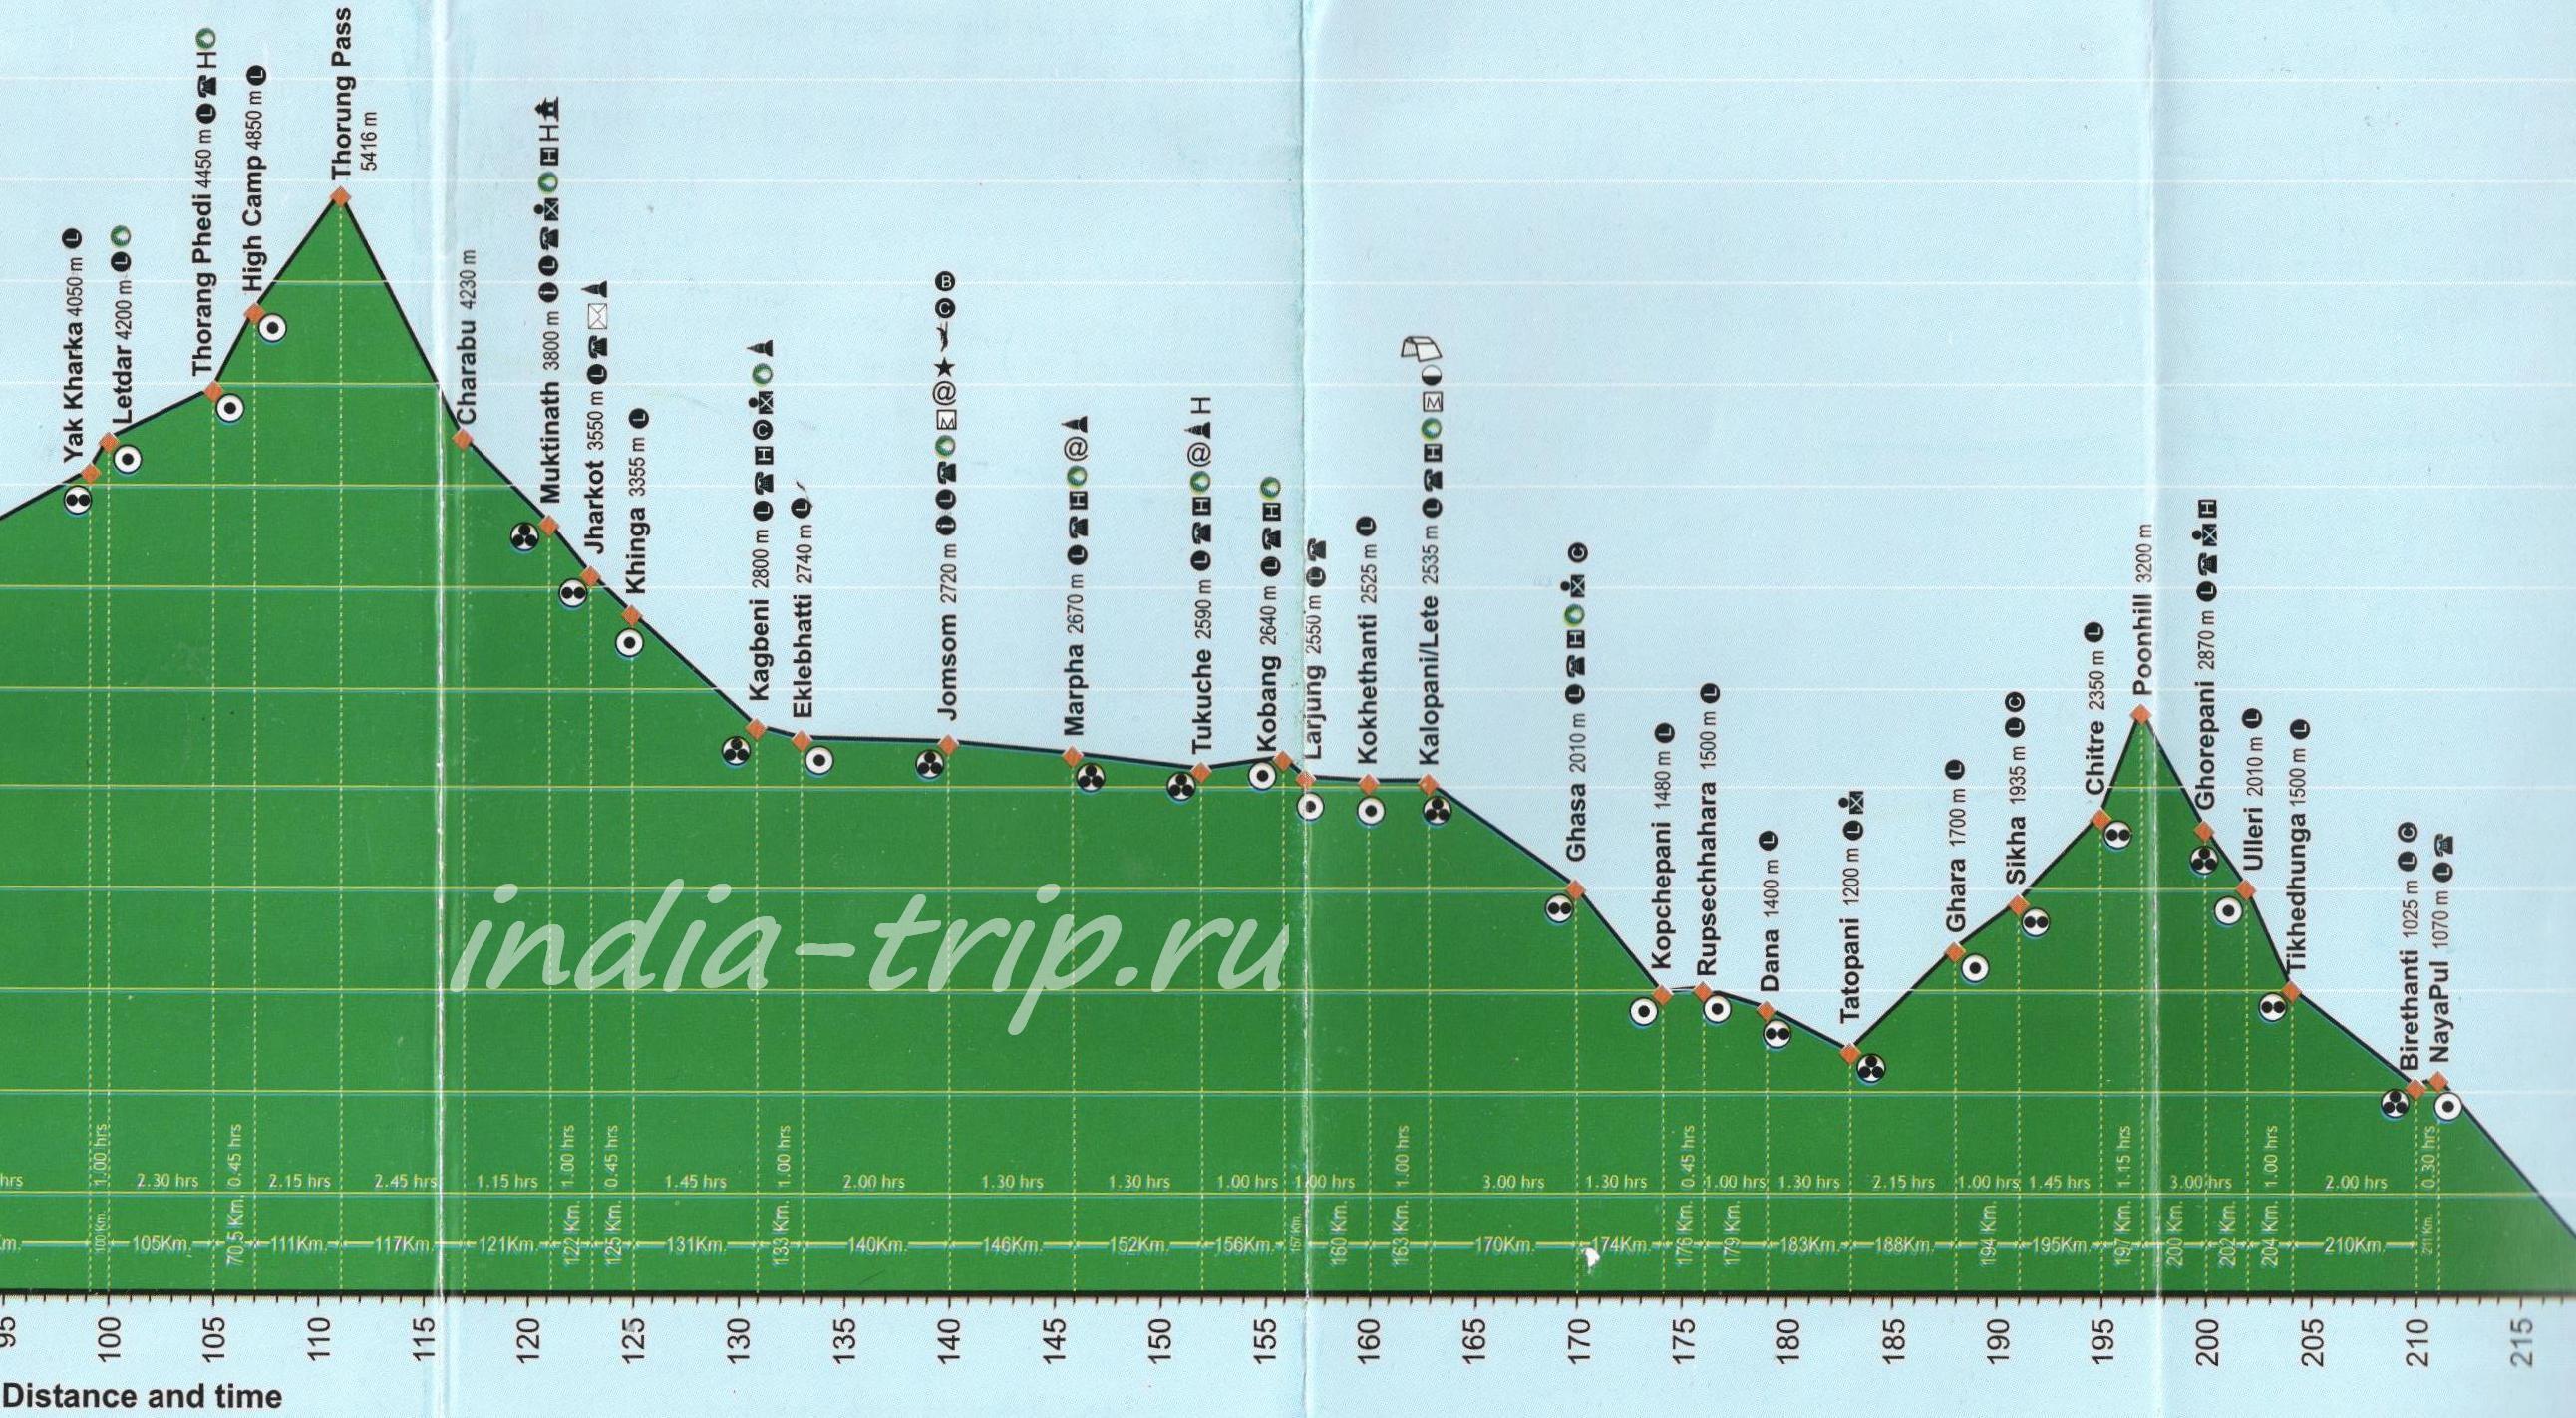 Трек вокруг Аннапурны, карта высот часть 2